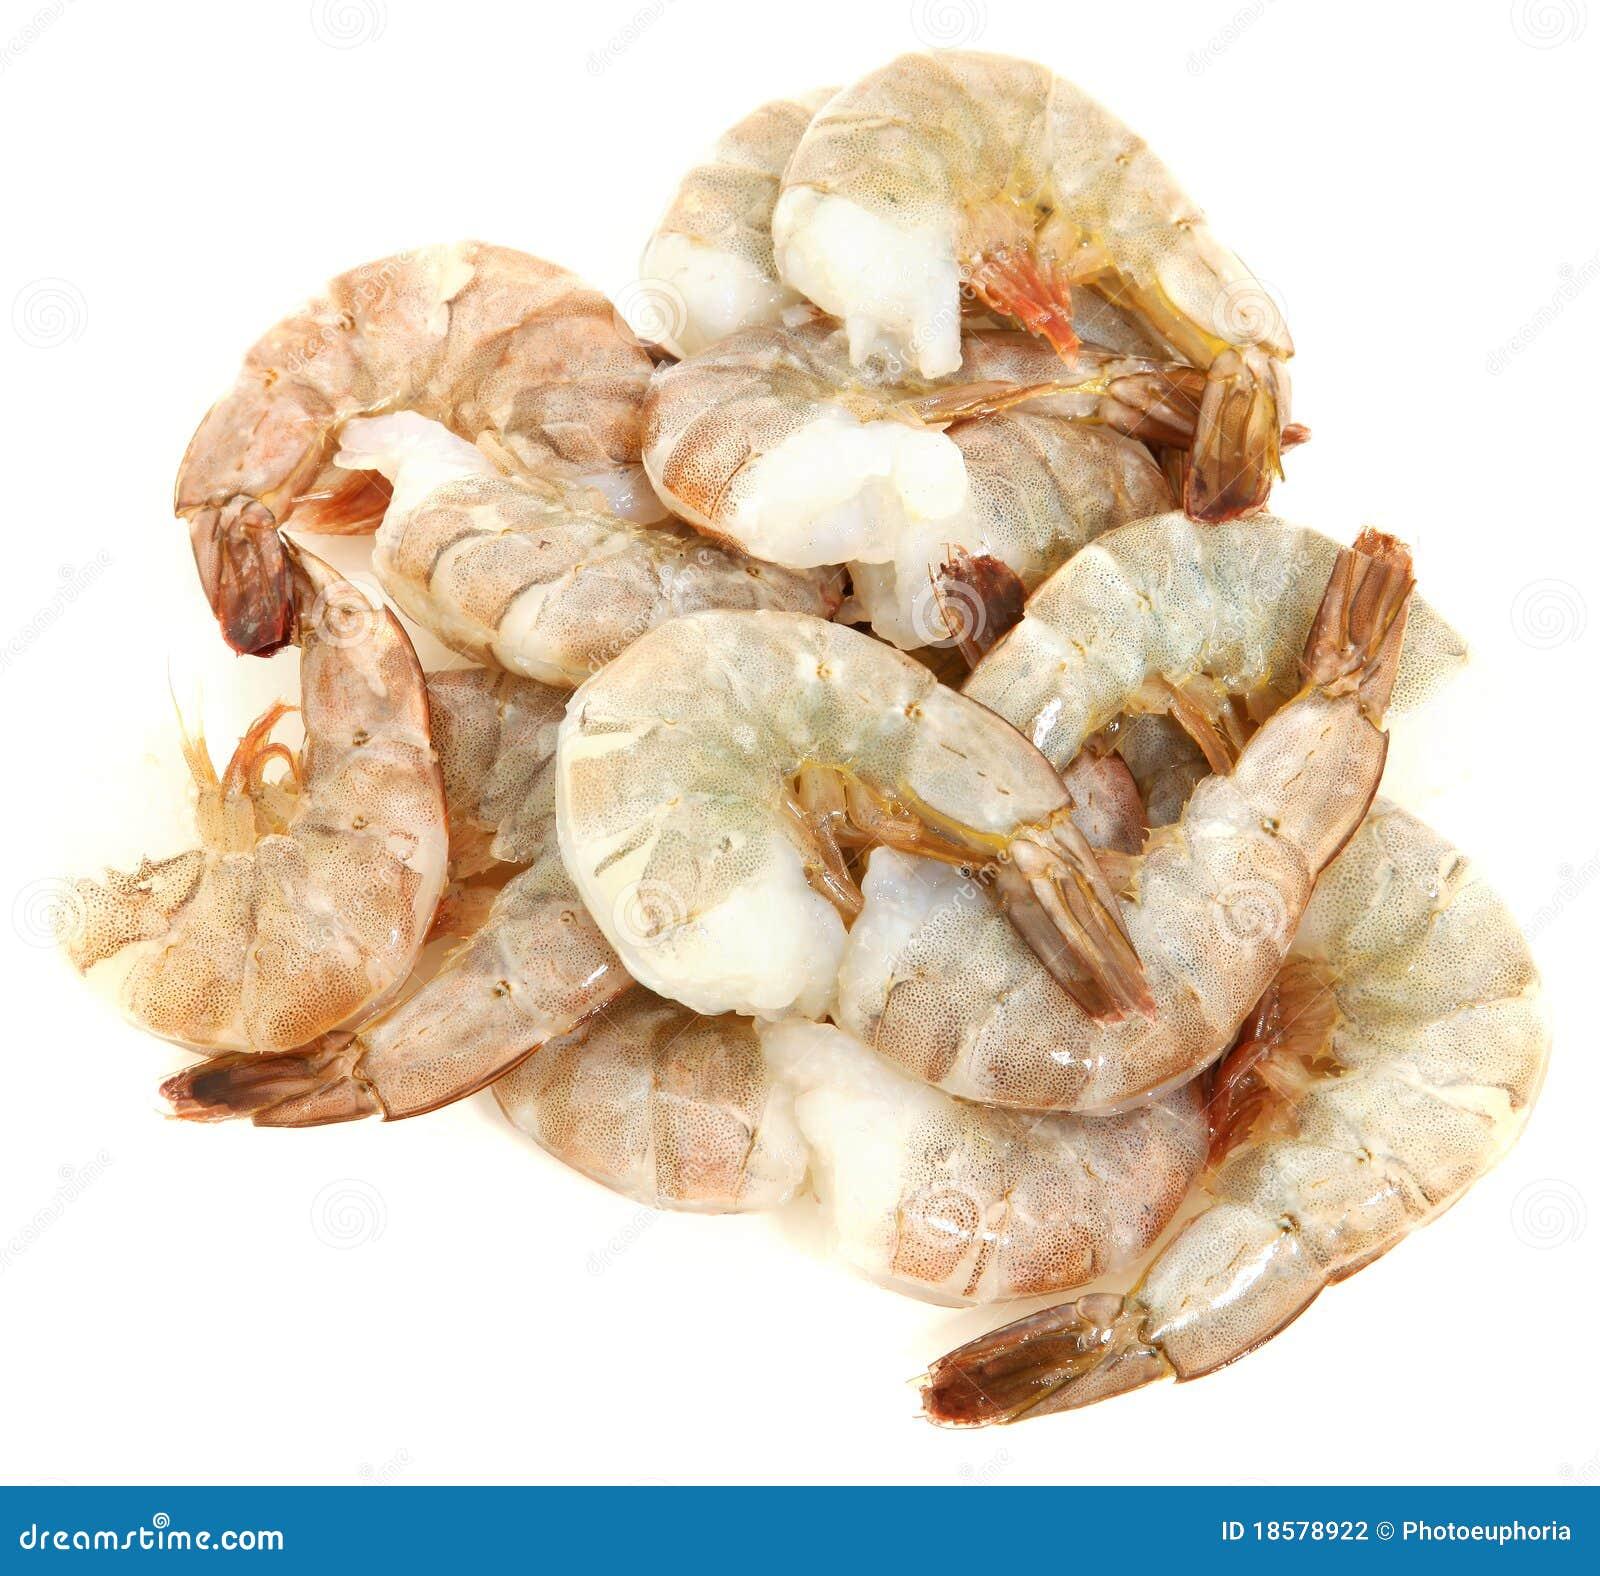 Thailand Shrimp Raw Deveined